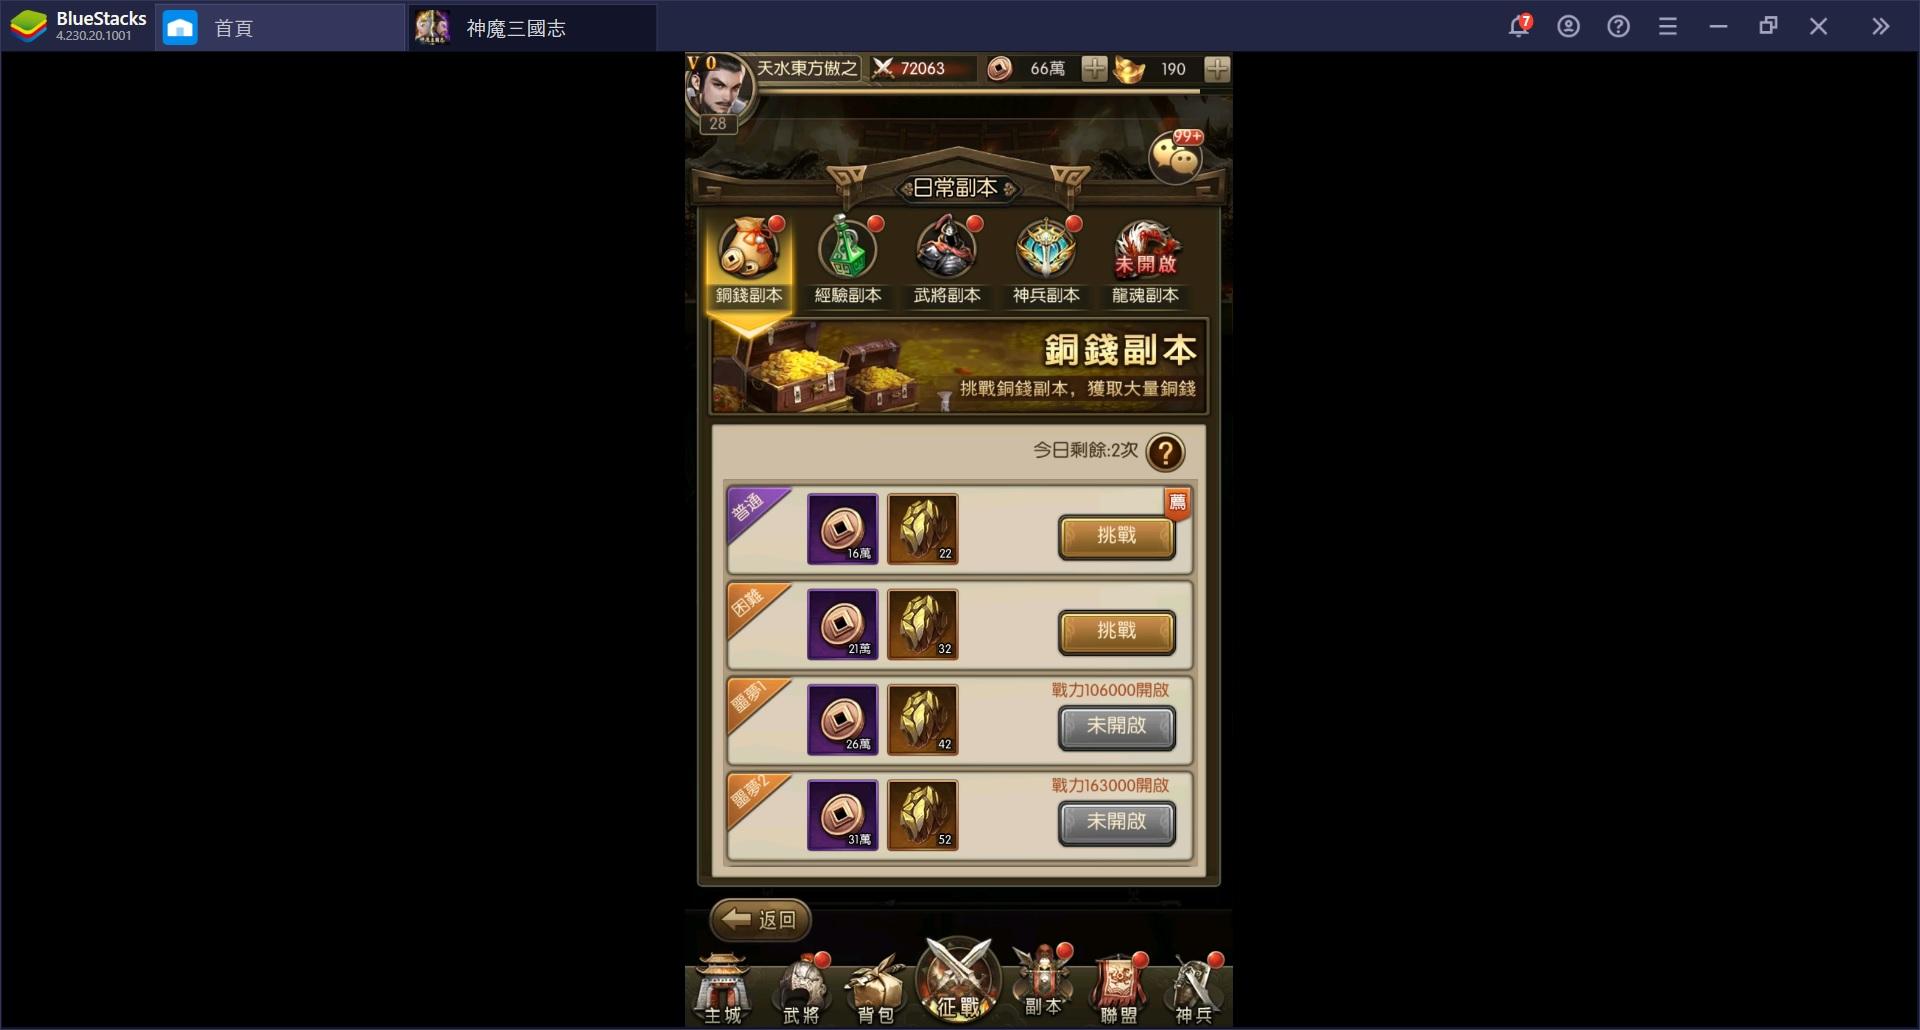 使用BlueStacks在PC上體驗策略卡牌放置手機遊戲《神魔三國志》